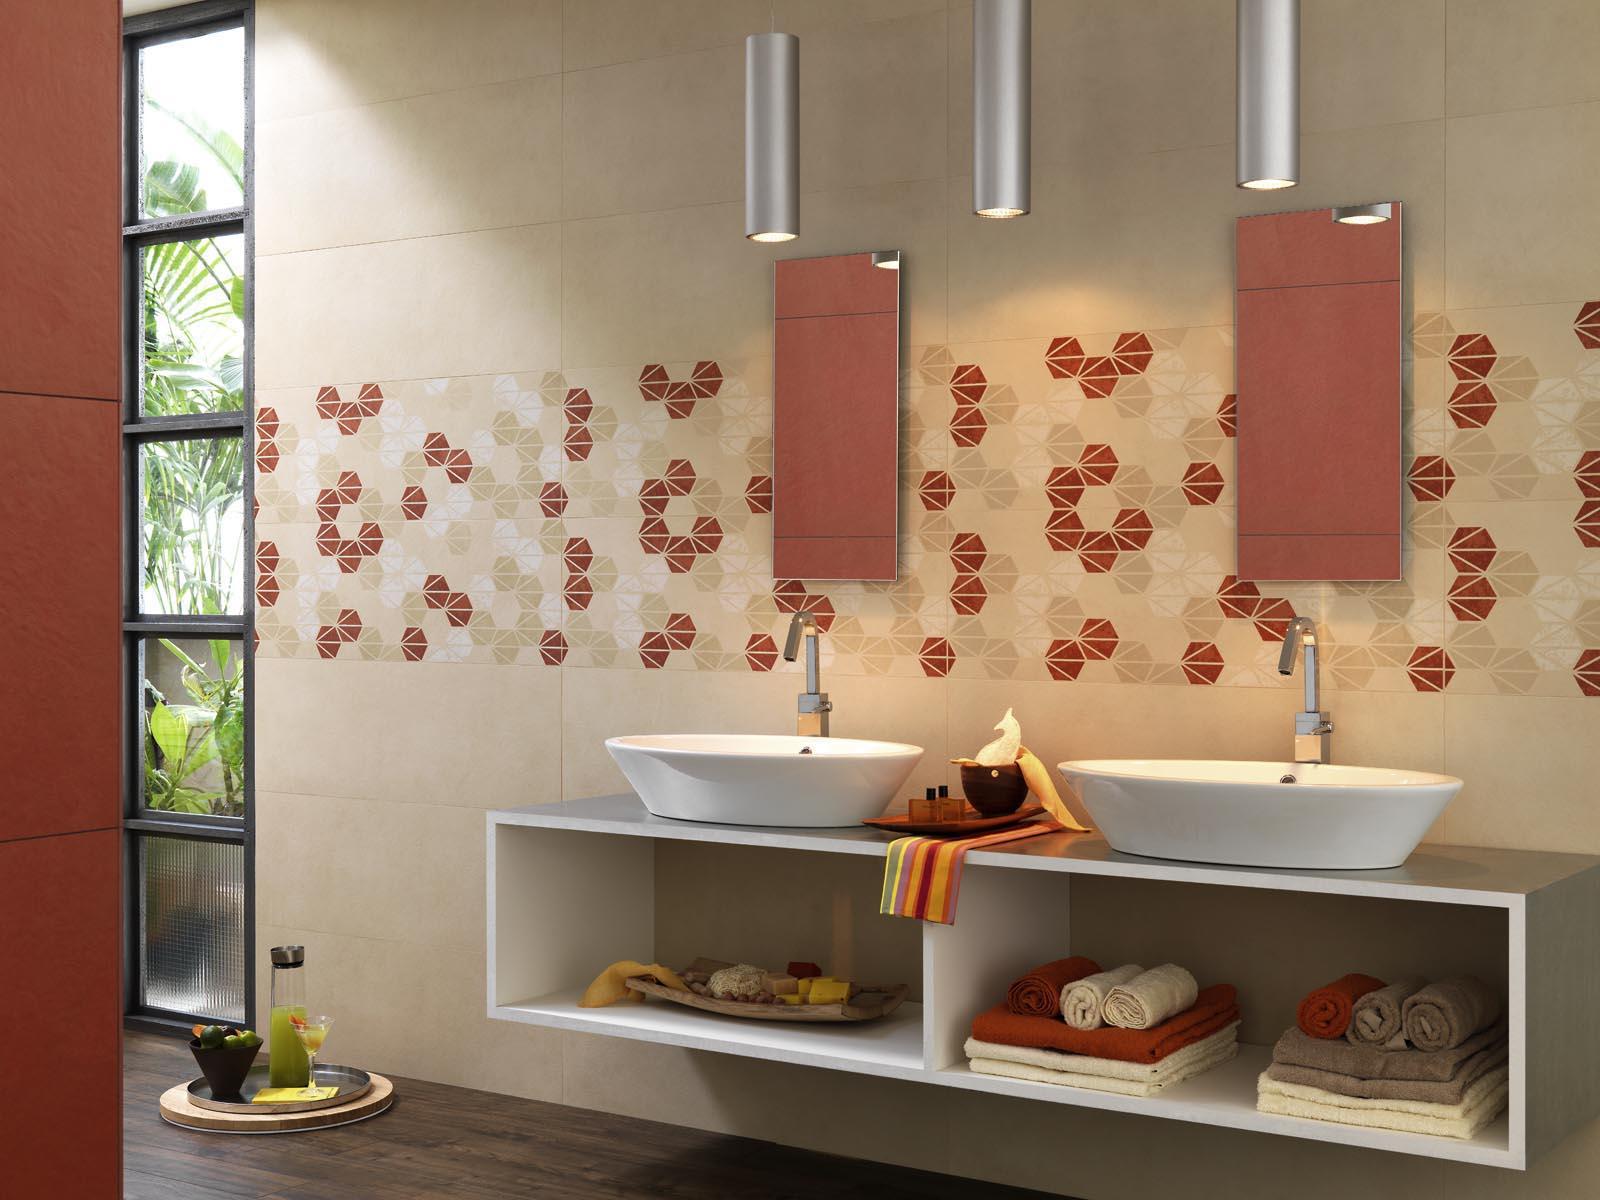 Oficina7 piastrelle rivestimento bagno marazzi - Incollare piastrelle su piastrelle bagno ...